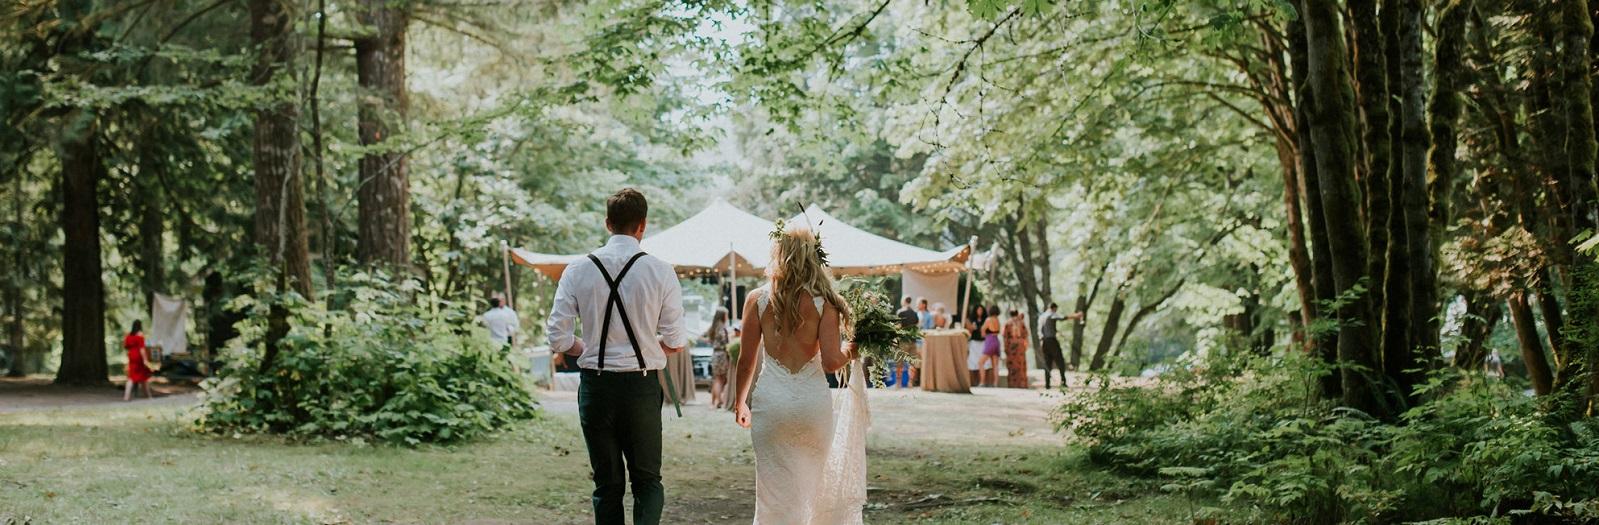 Wedding-SLider-8